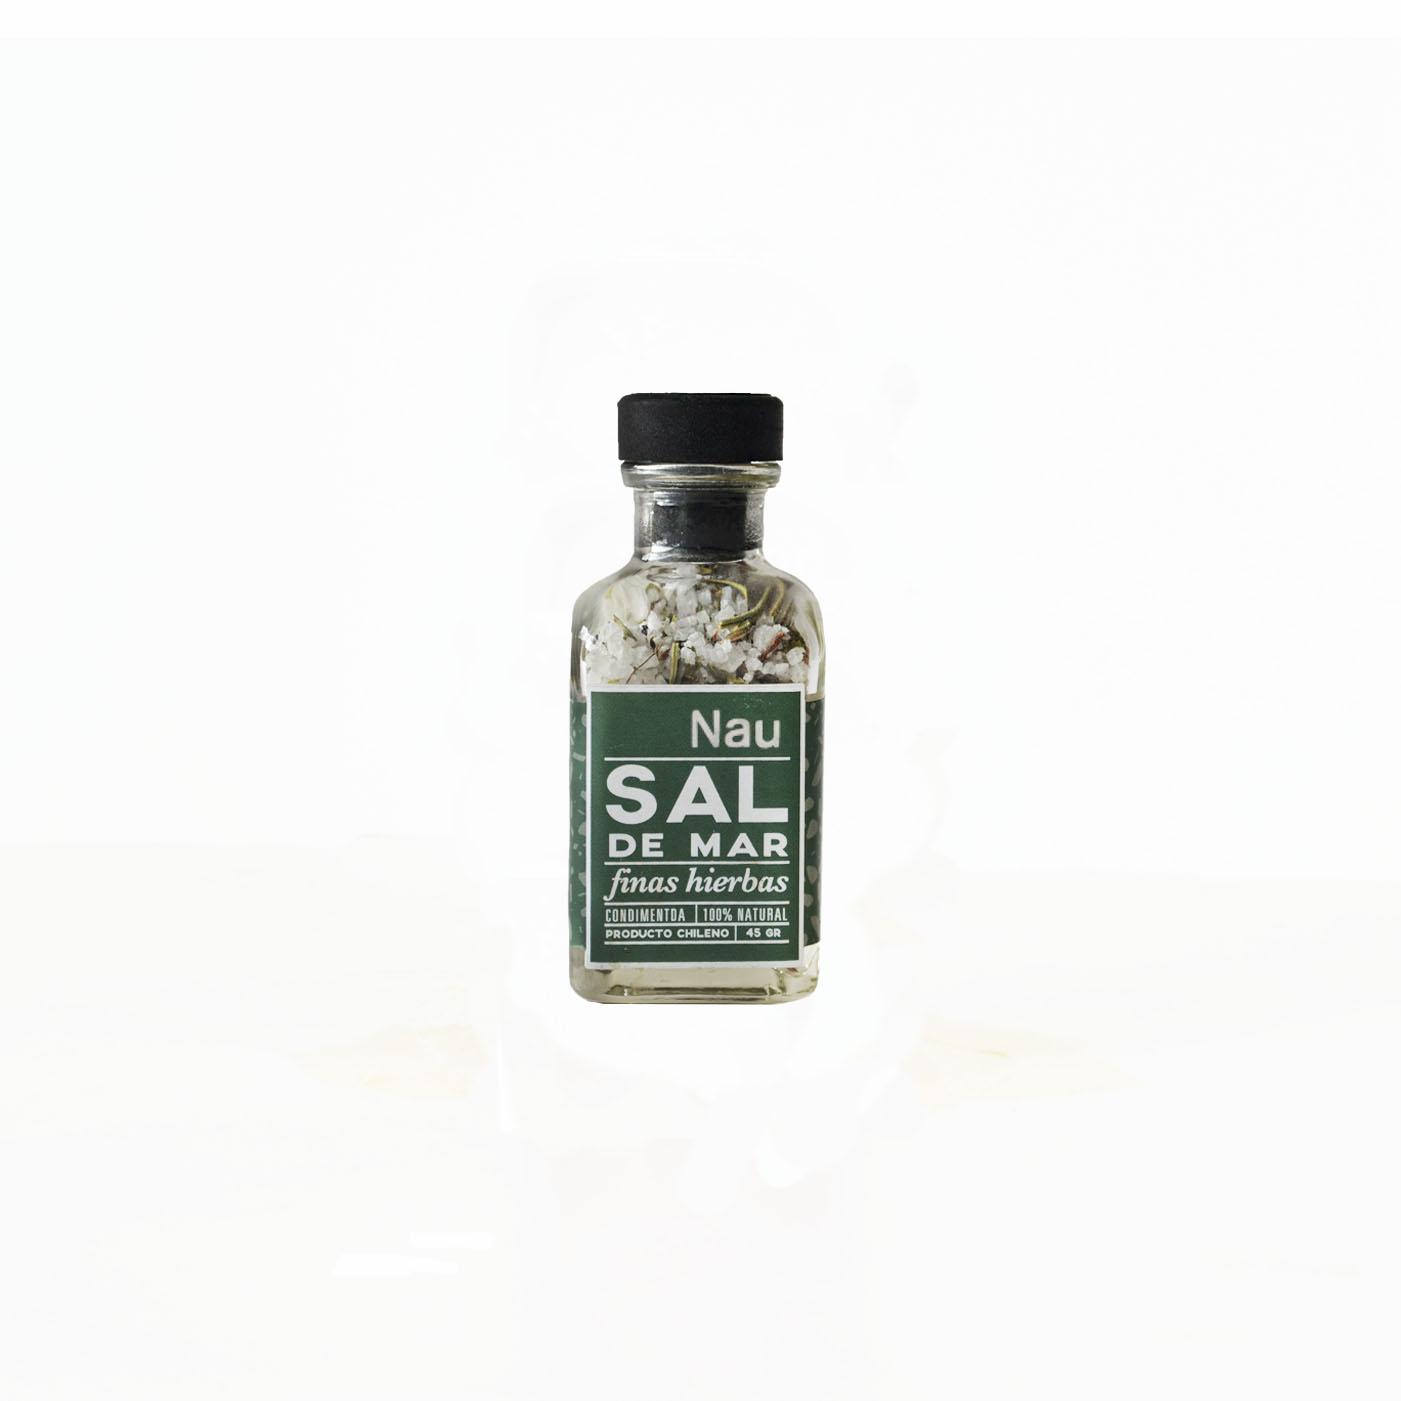 botella-sal-finas-hierbas-tapa-negra.jpg